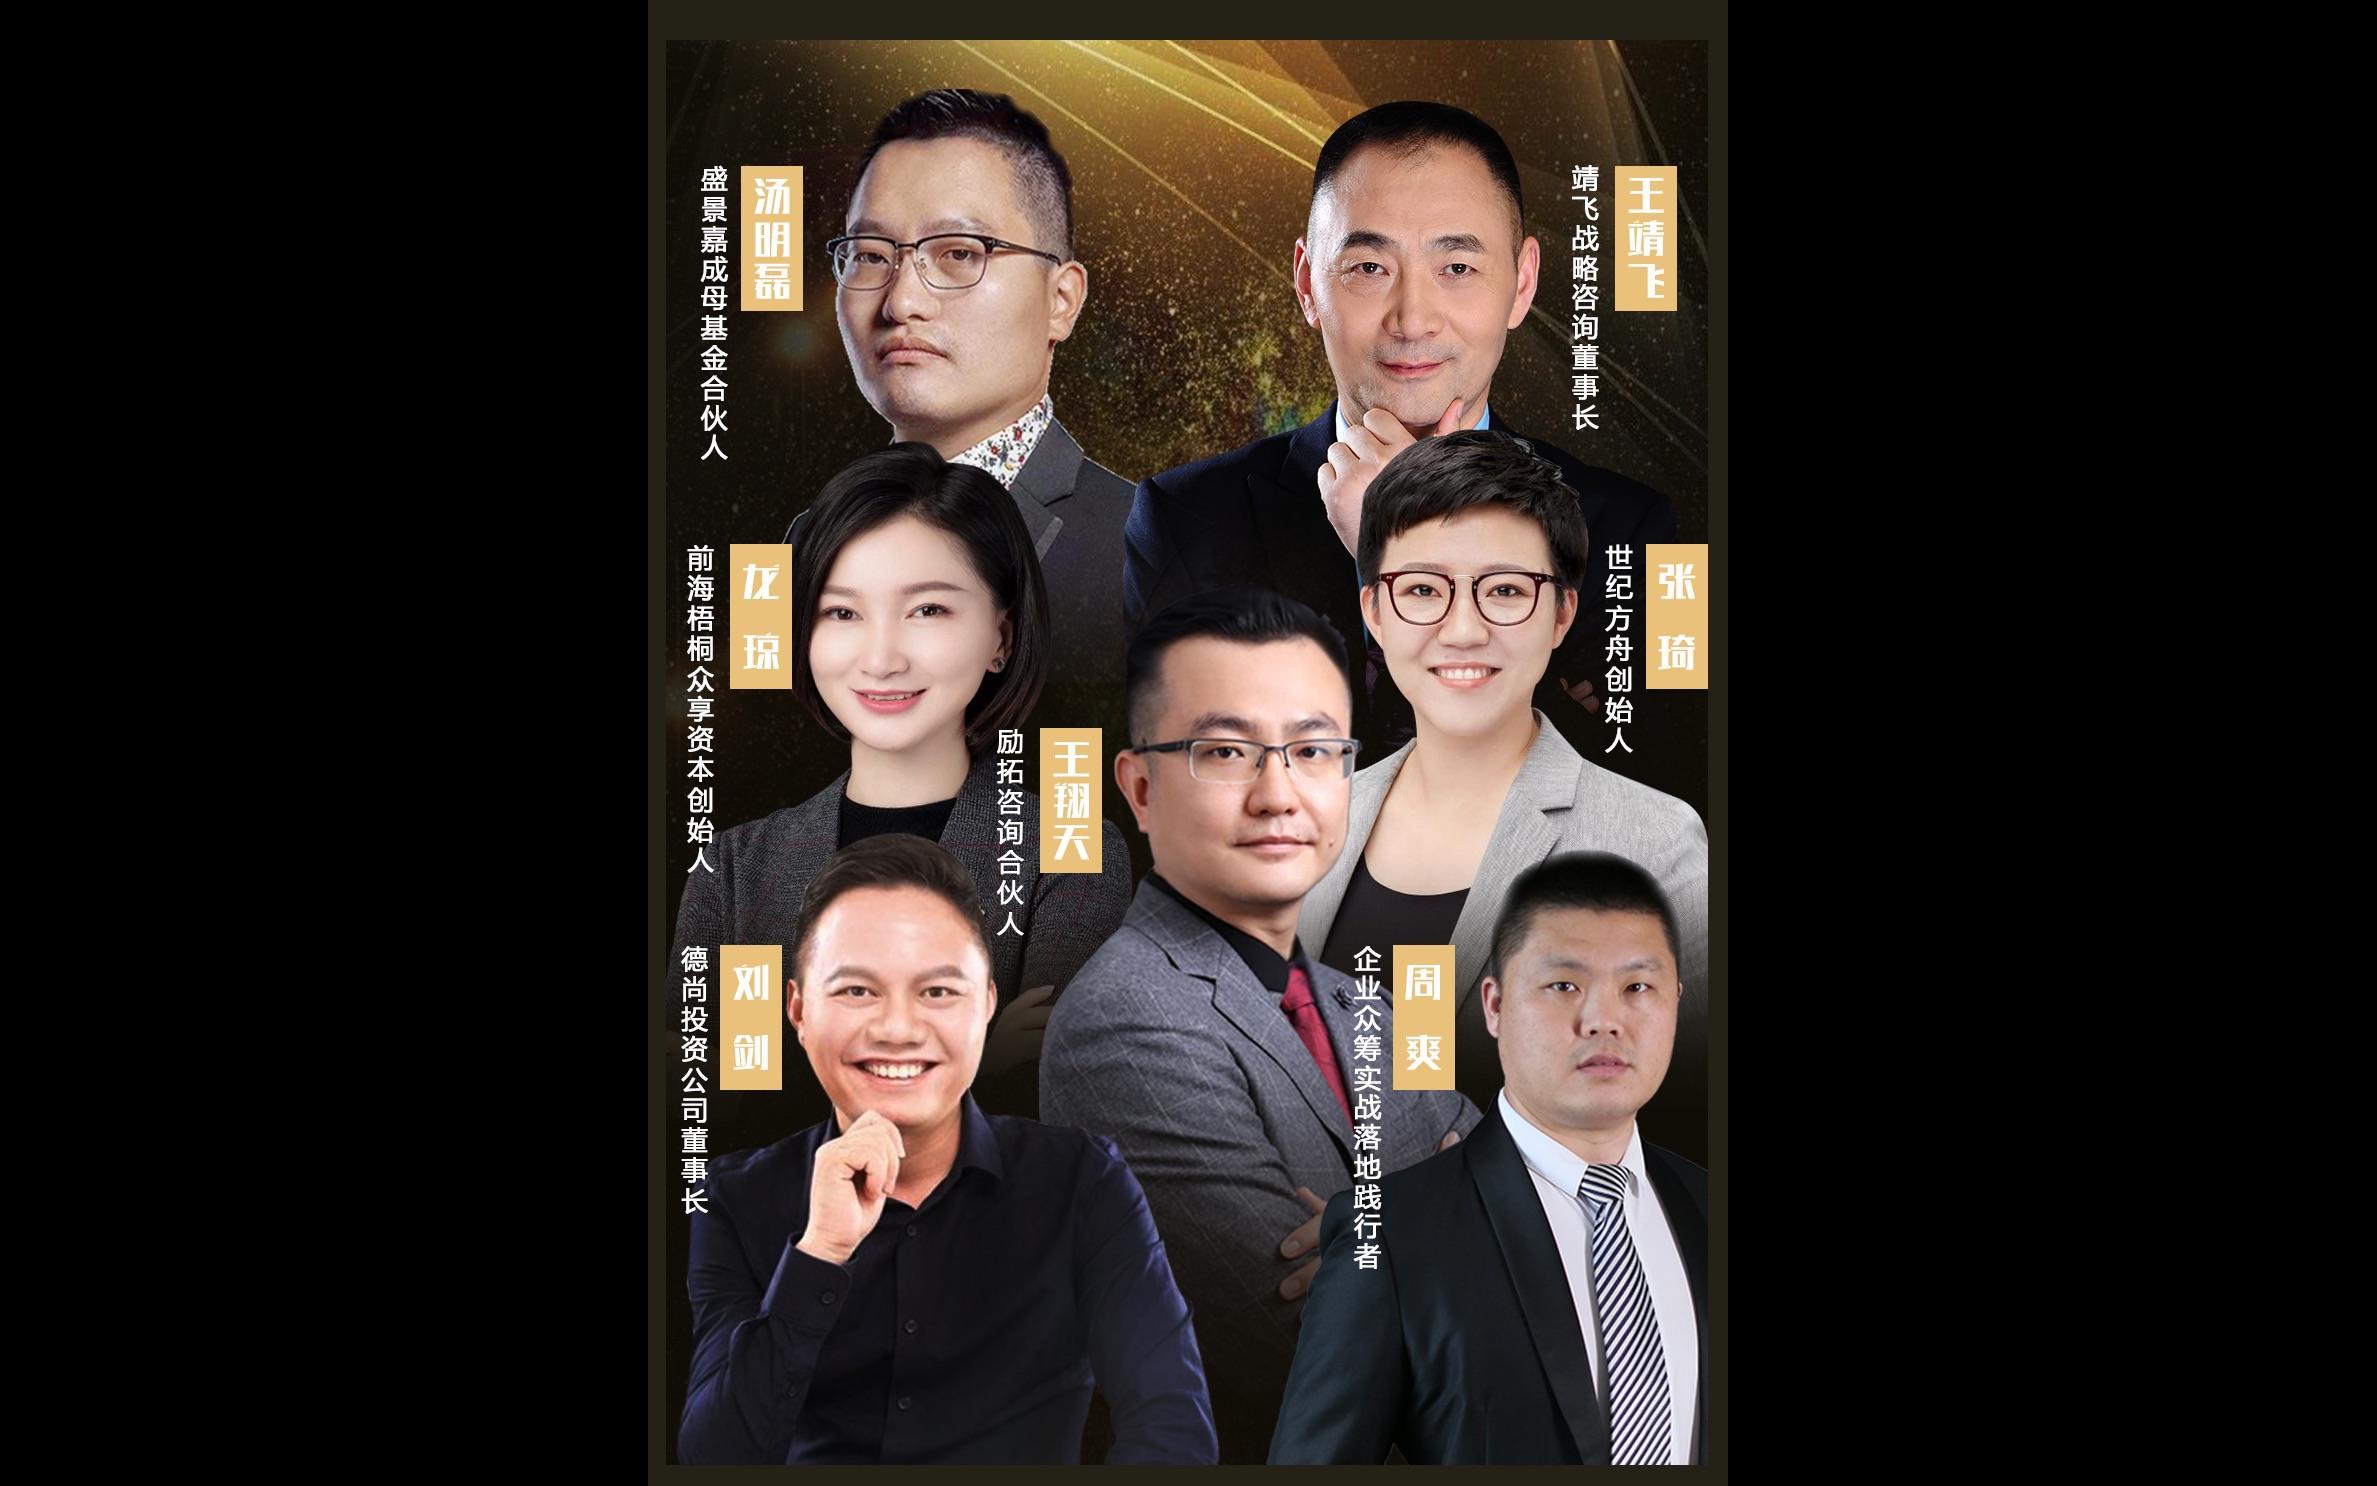 中国中小企业转型升级与资本对接峰会(深圳)